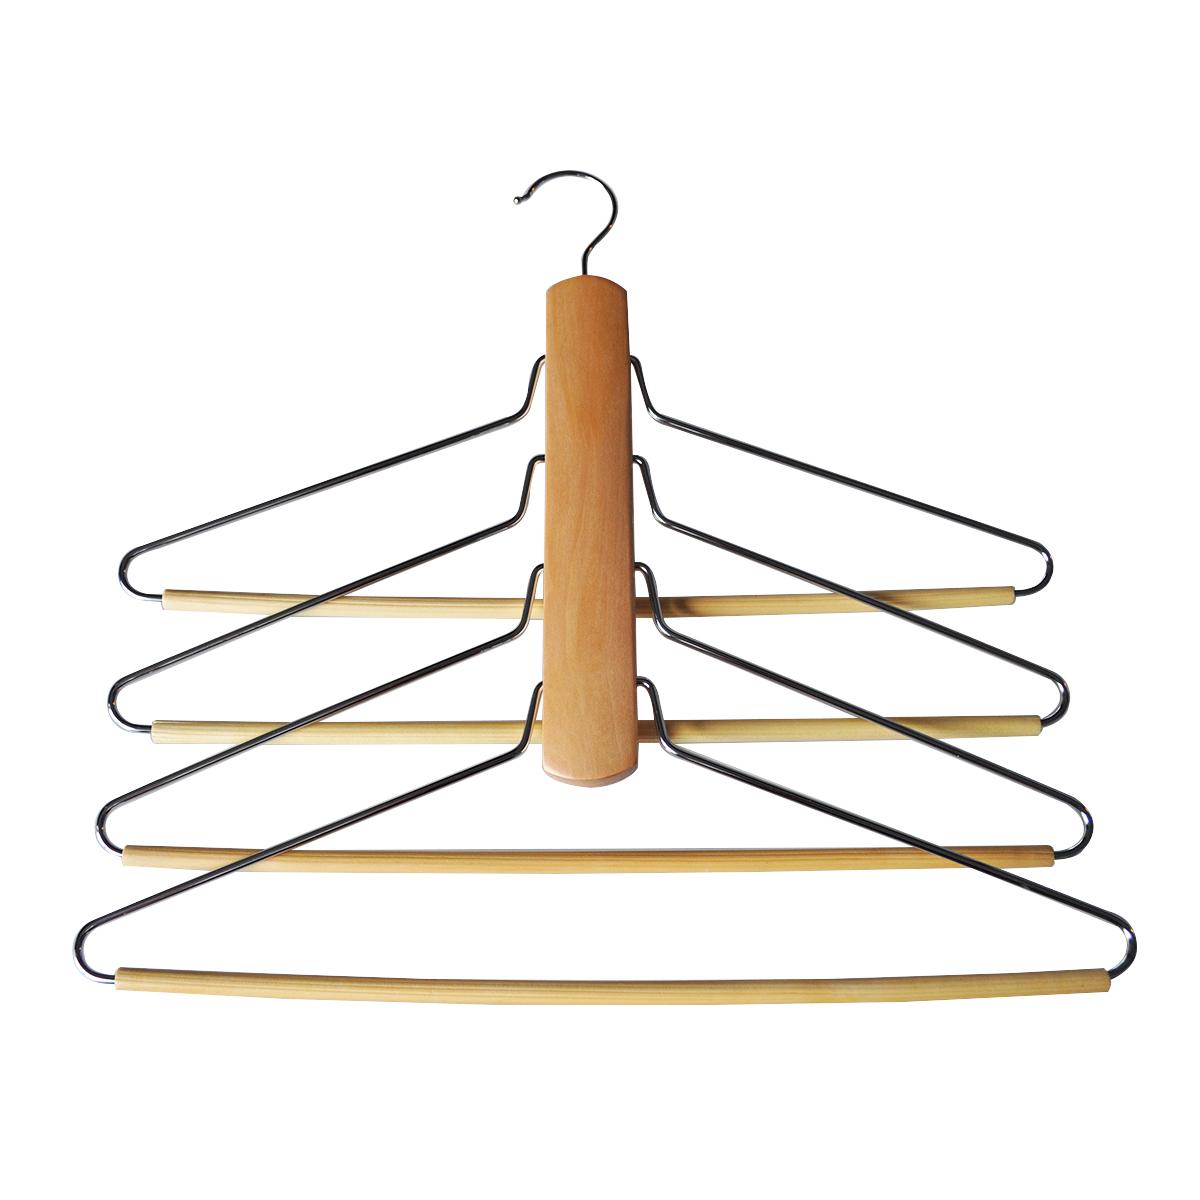 Вешалка HomeQueen, деревянная, с одним крючком для подвешивания, цвет: светло-коричневый, длина 30 см70691